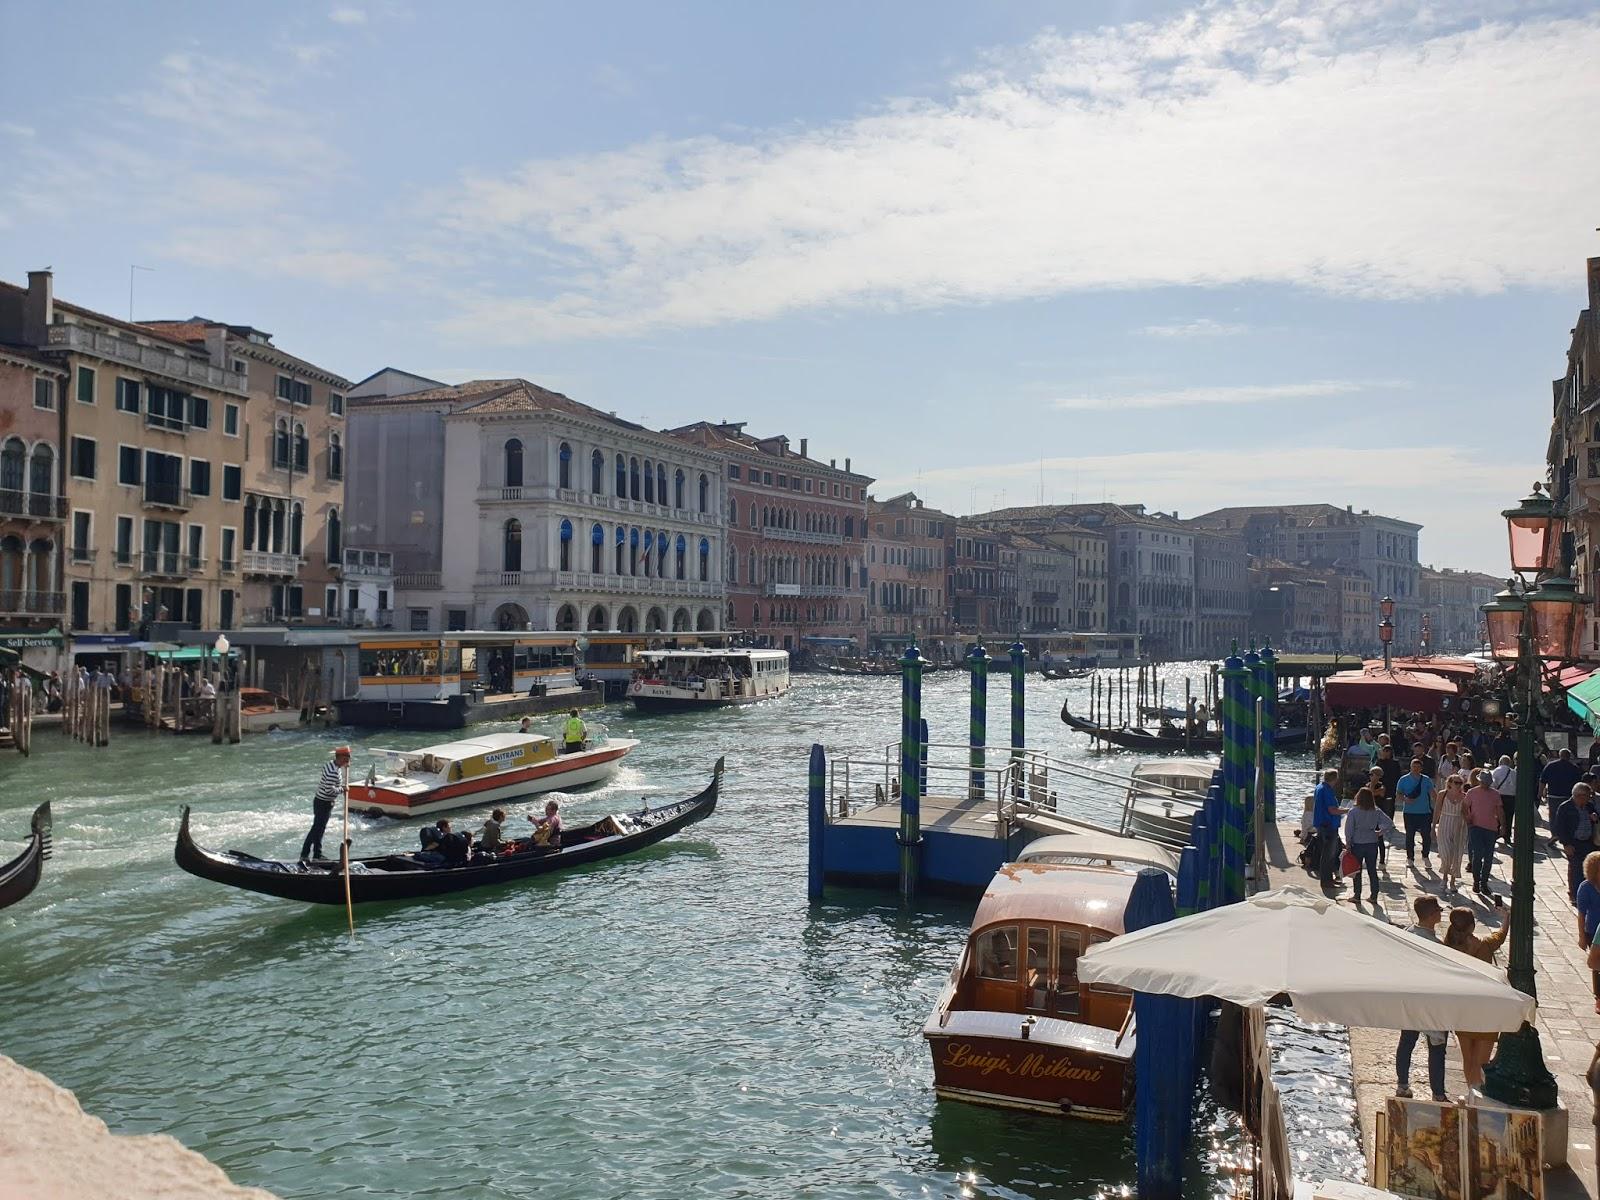 Hovedgata i Venezia - copyright: TEGB